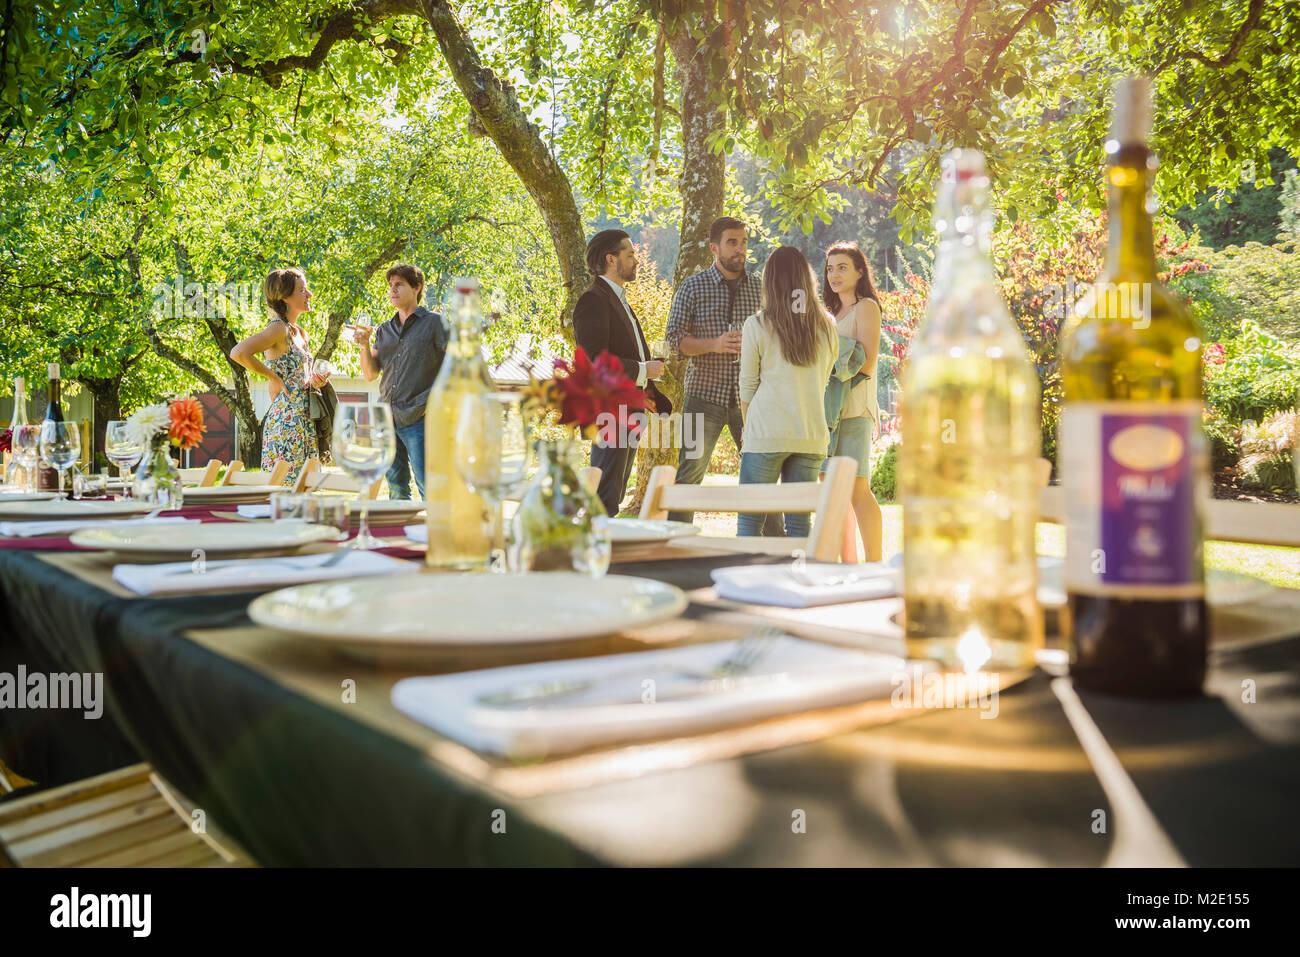 Las botellas de vino en la mesa de la fiesta al aire libre Imagen De Stock